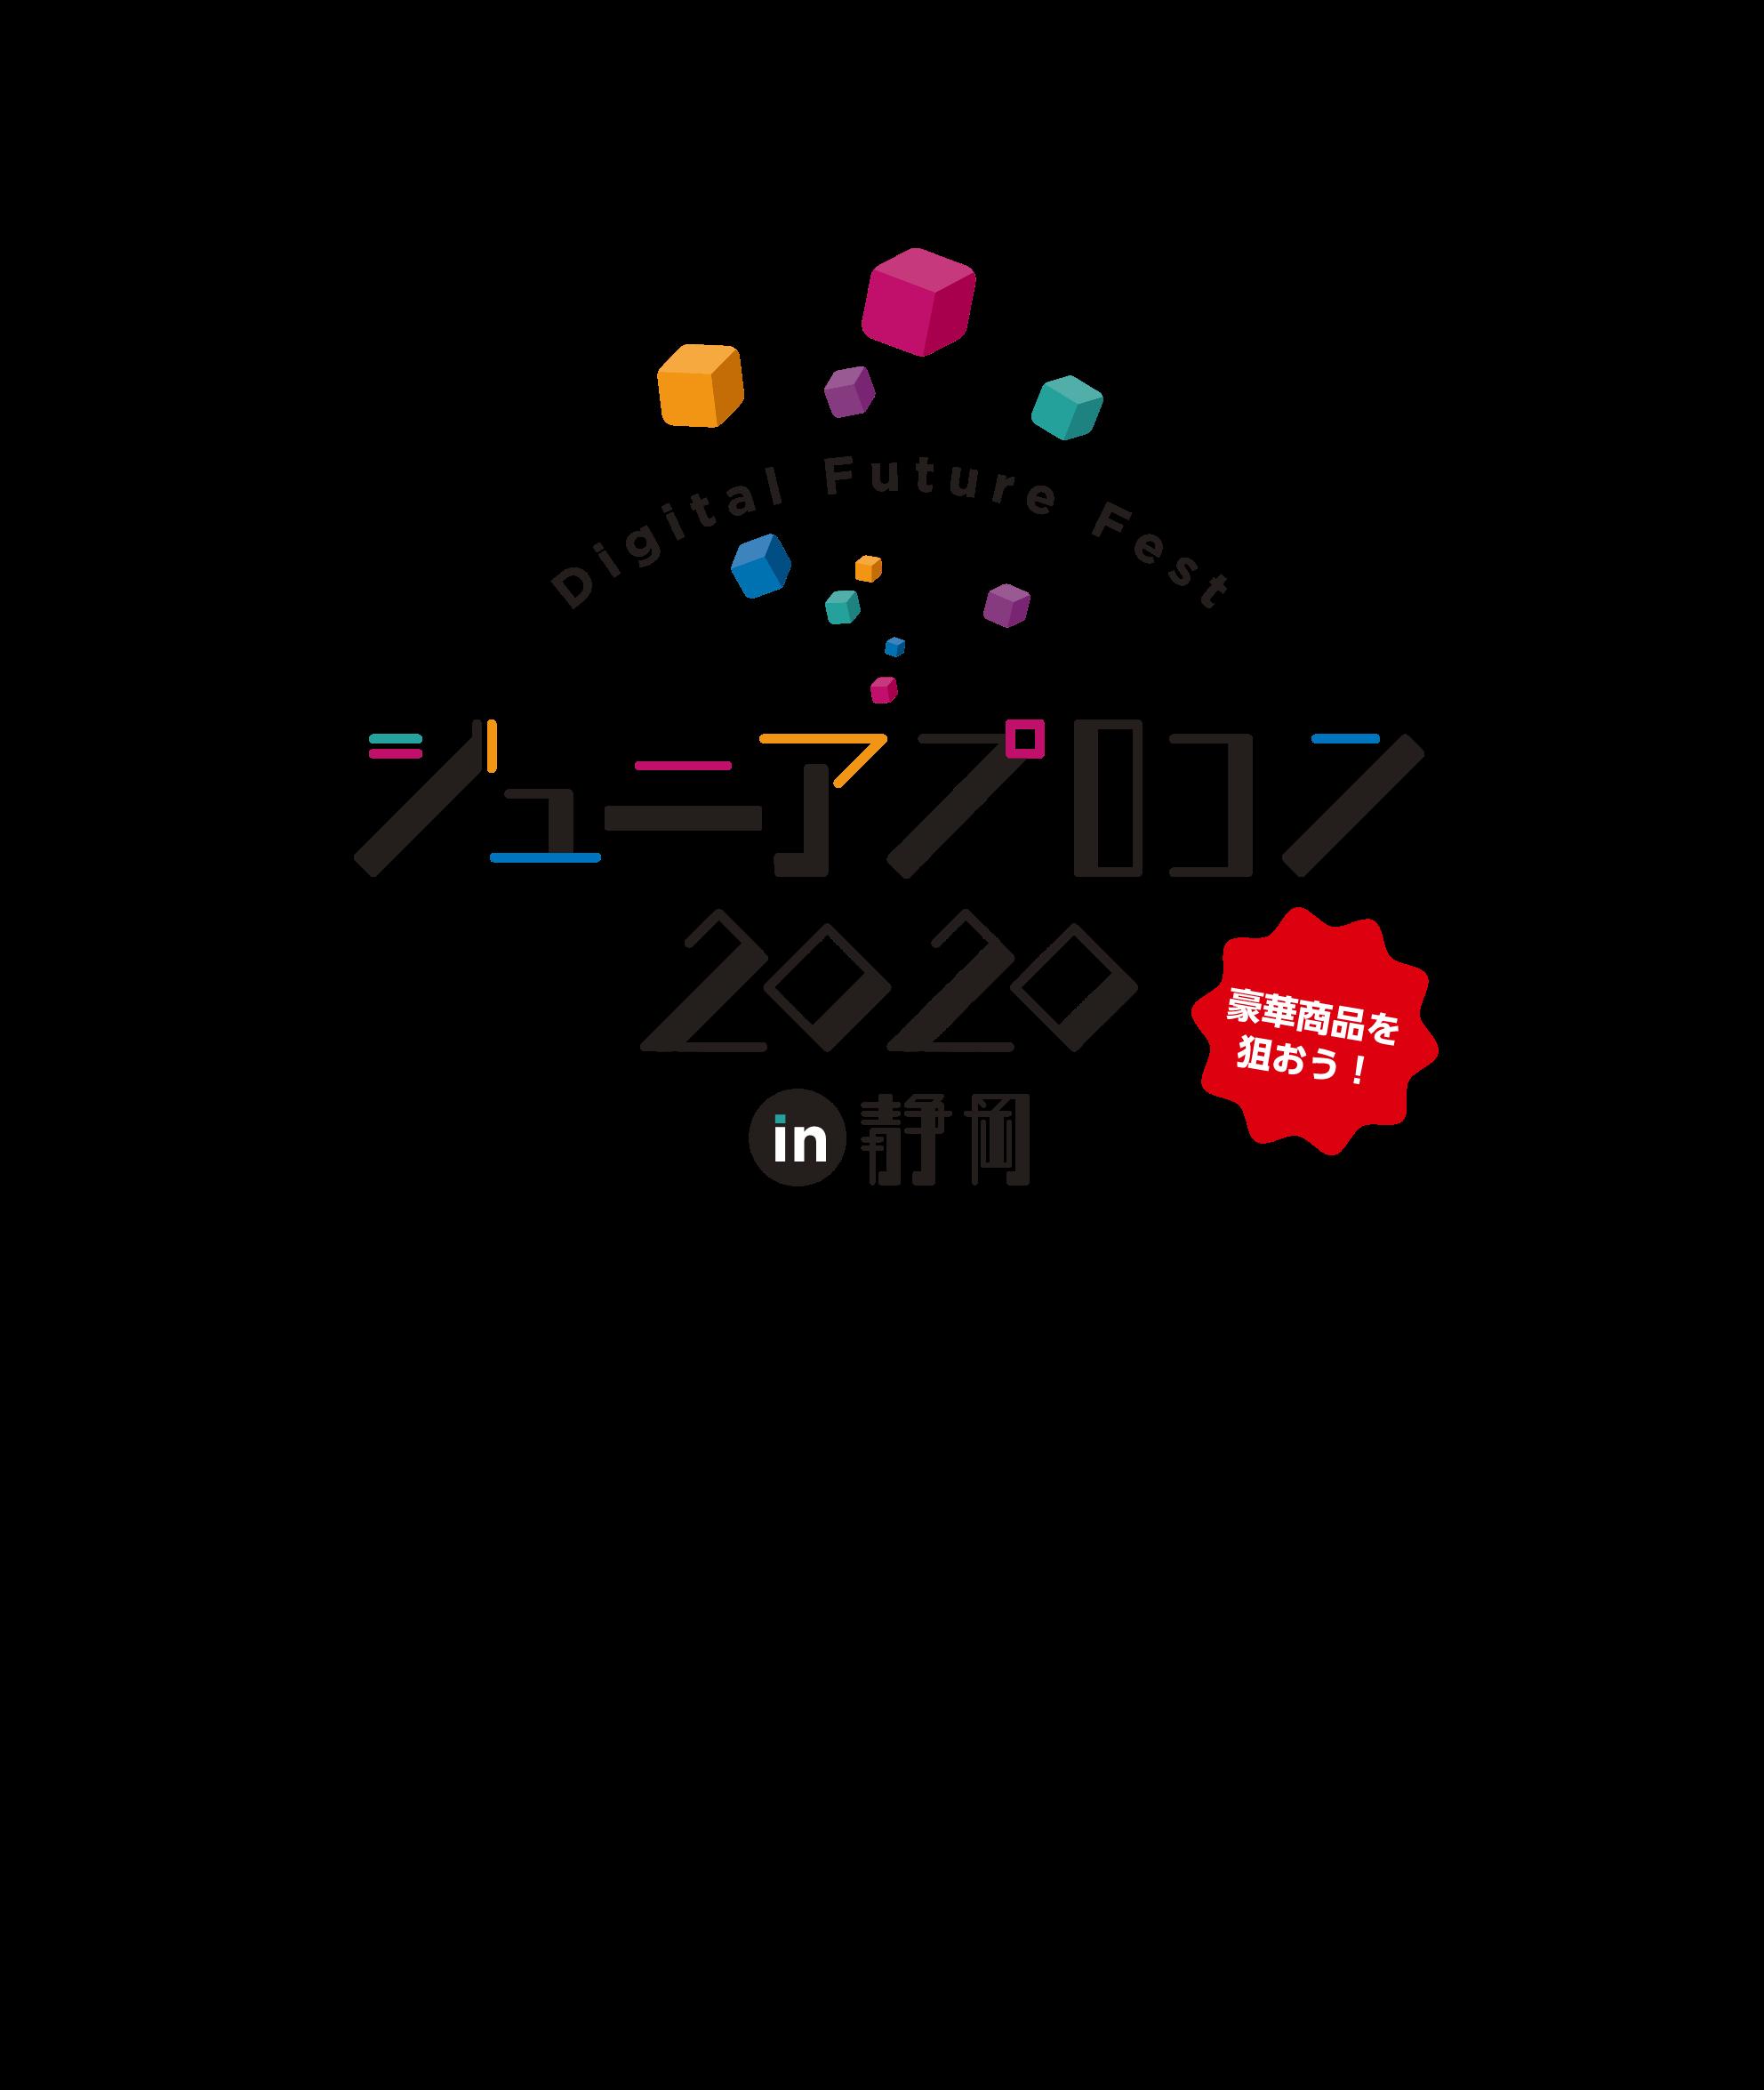 ジュニアプロコン2020 in 静岡